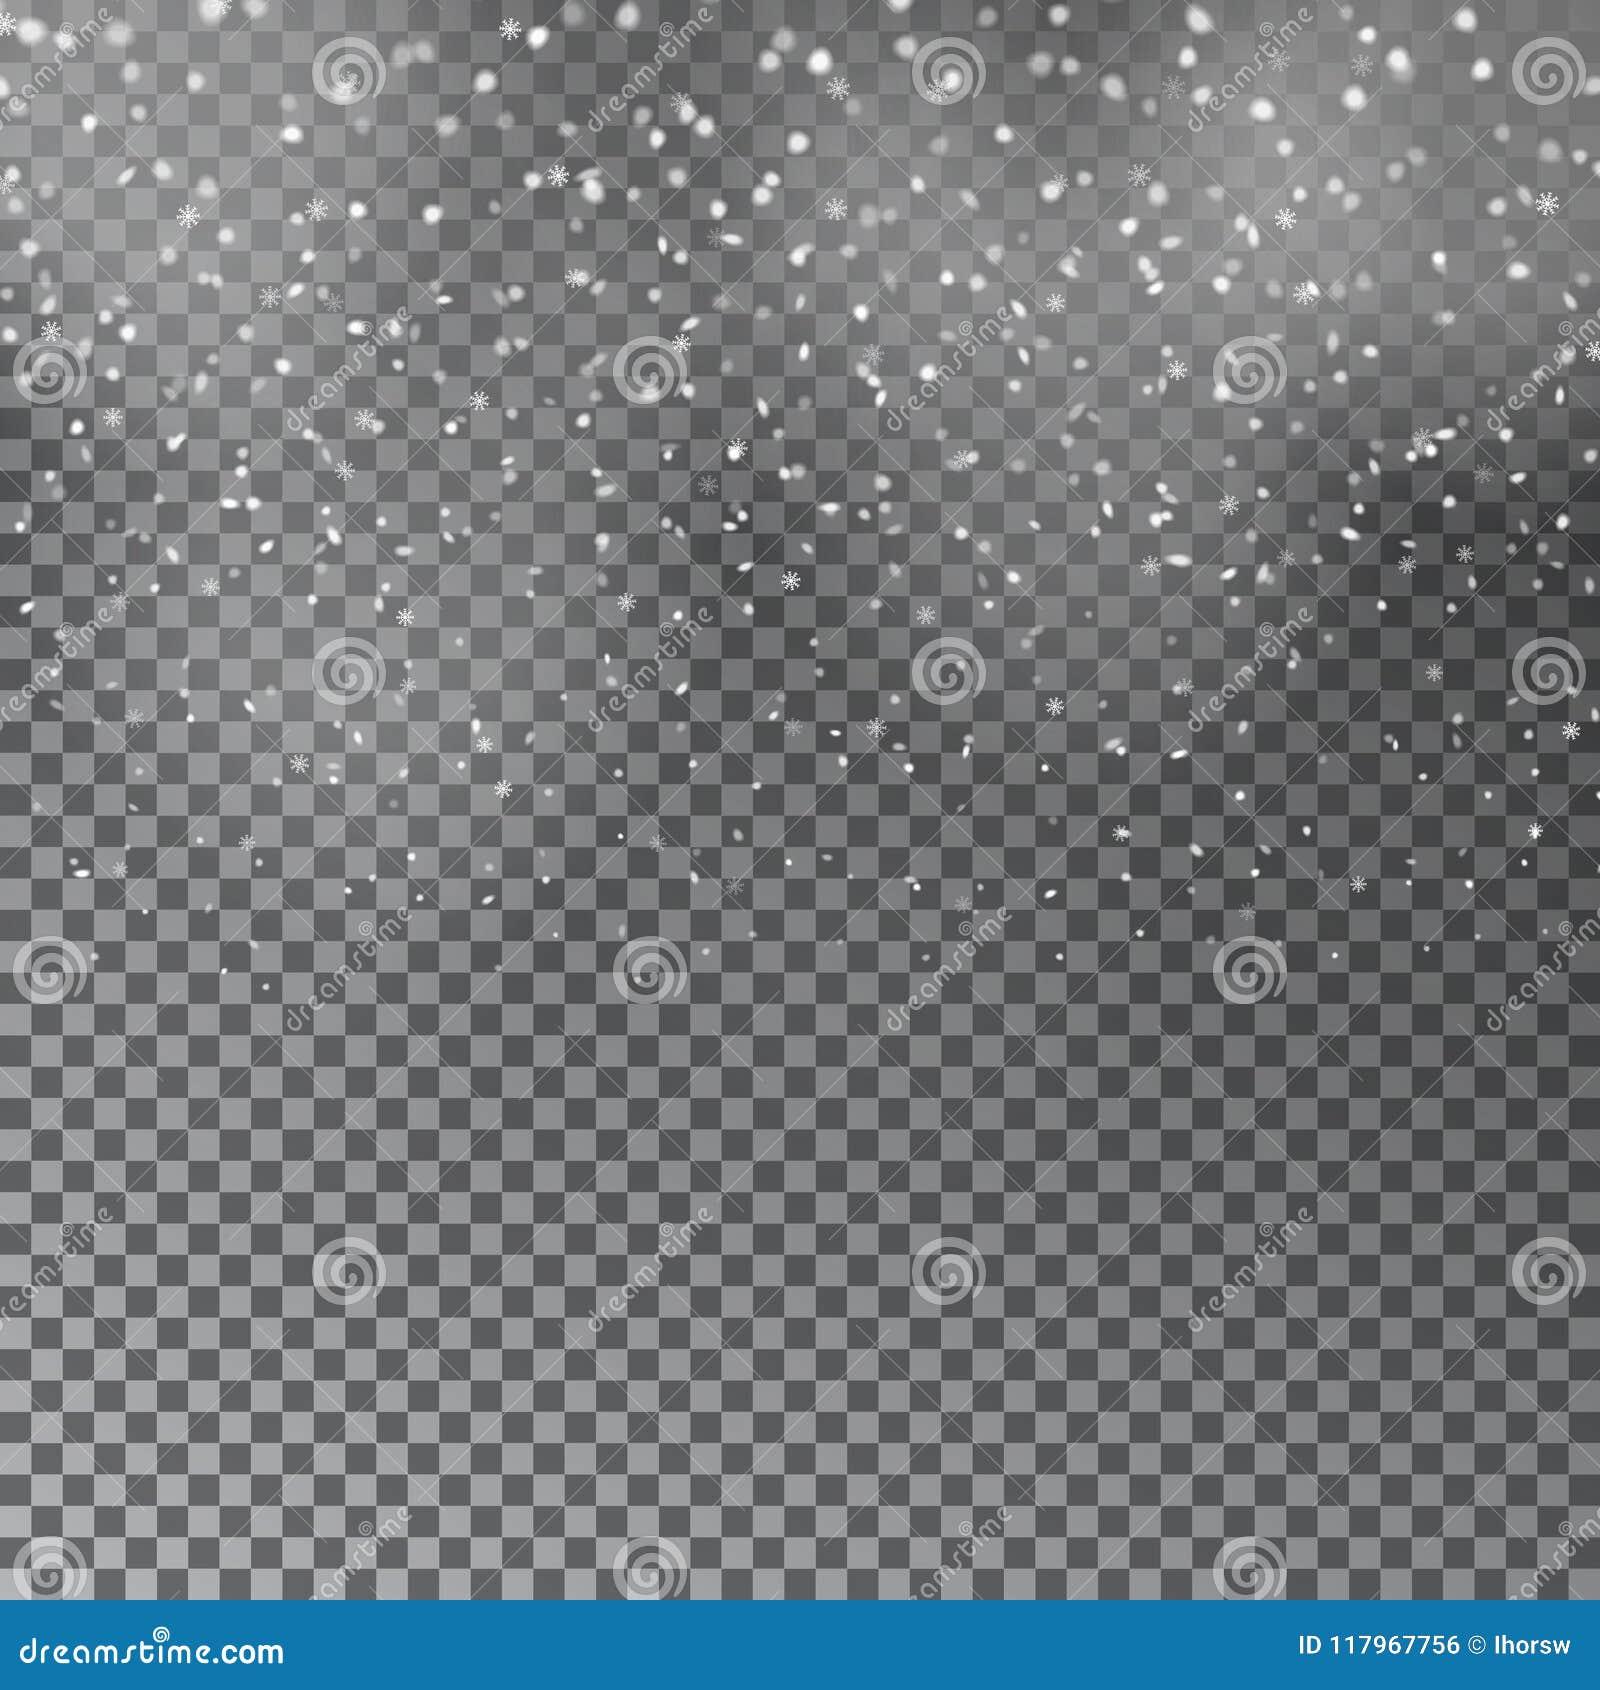 Fallender Weihnachtsglänzender transparenter schöner Schnee lokalisiert auf transparentem Hintergrund Schneeflocken